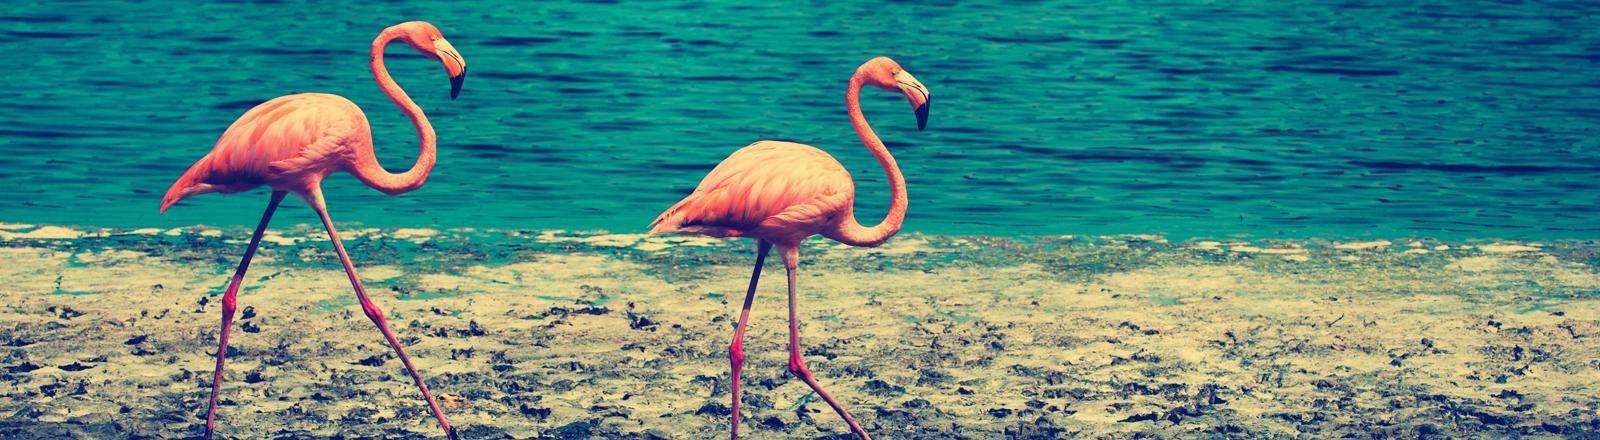 Flamingos am Strand.